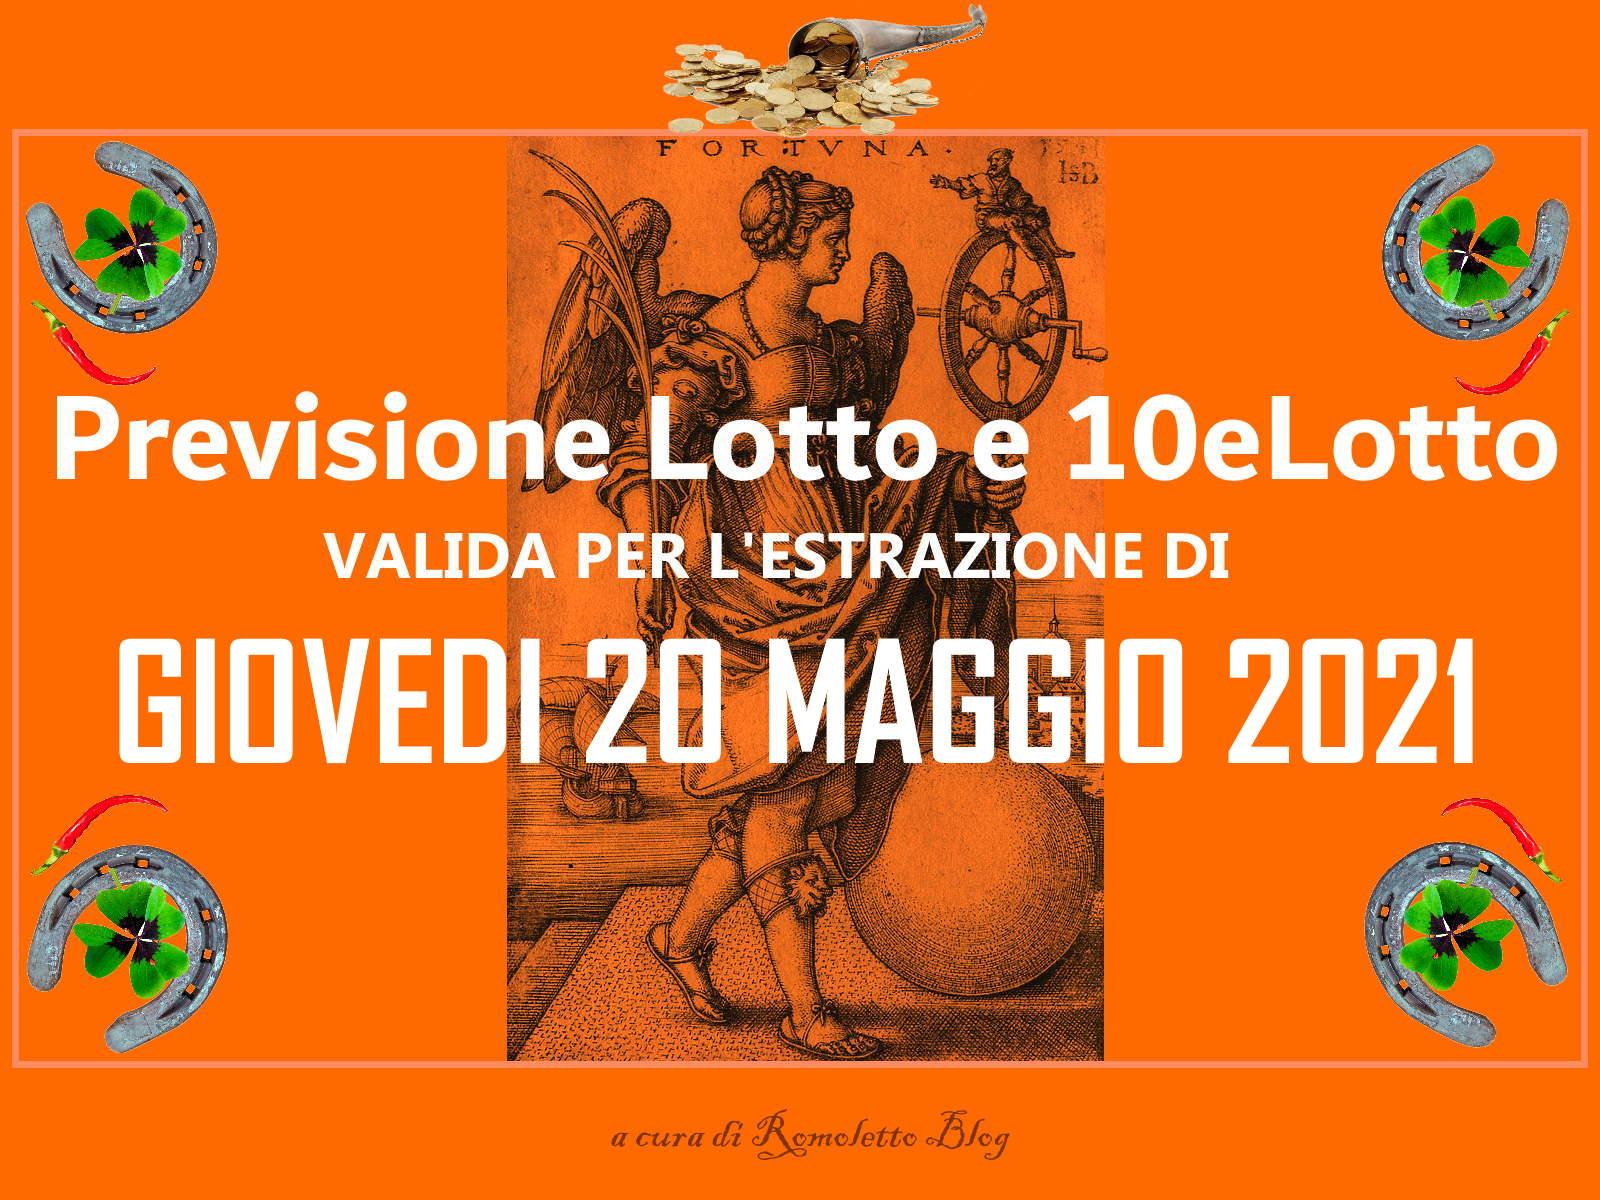 Previsione Lotto 20 Maggio 2021